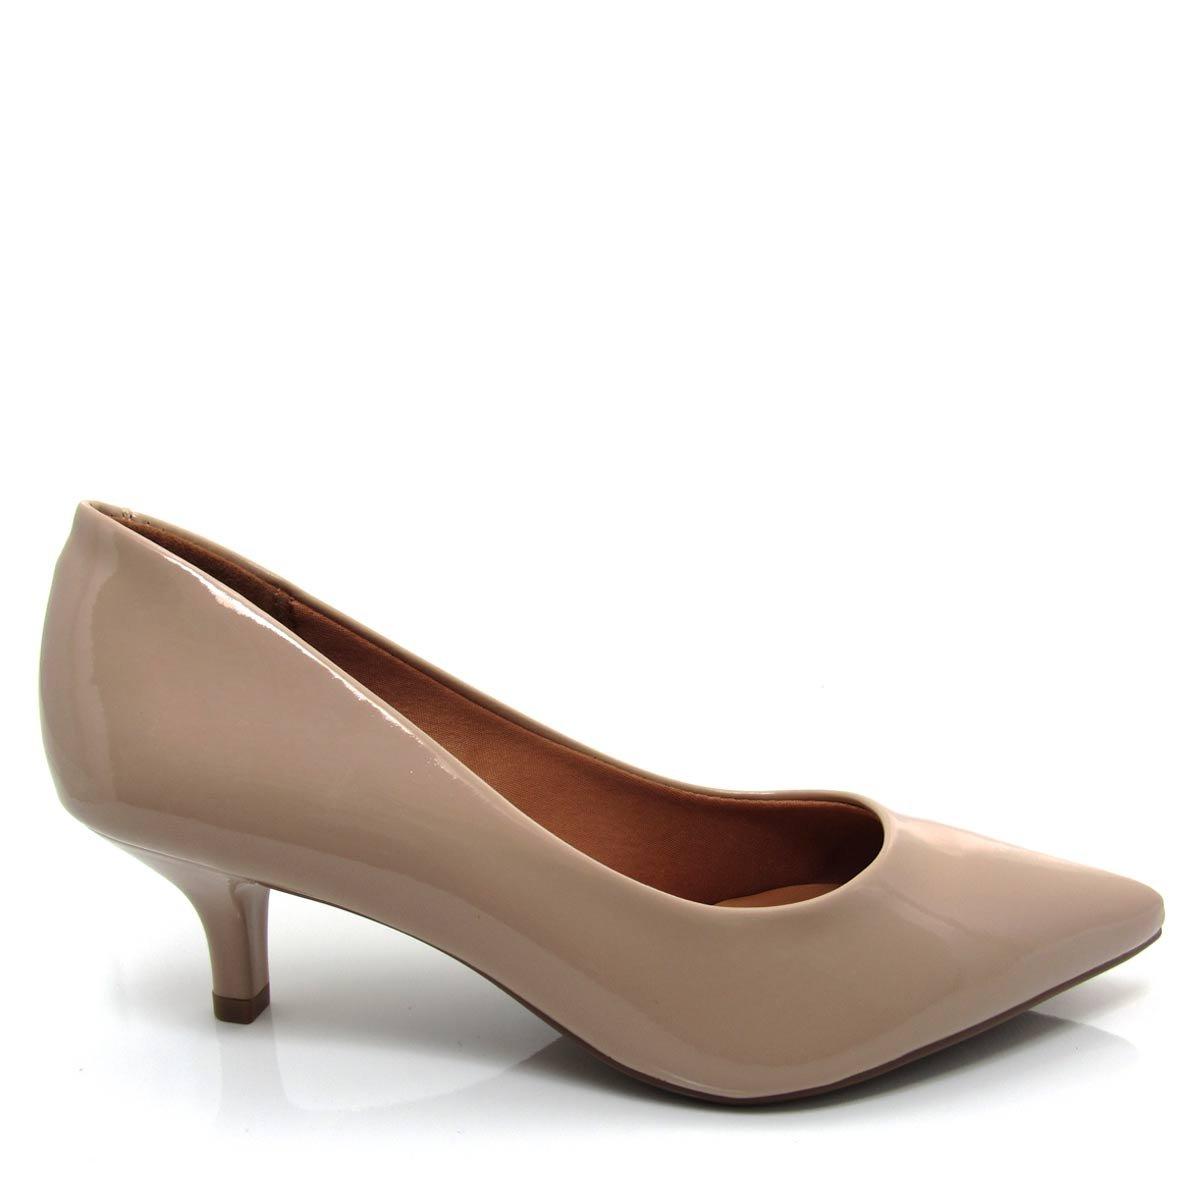 5f0e106c4a Sapato Scarpin Feminino Vizzano Bico fino 1122600 Salto Baixo Coleção 2018